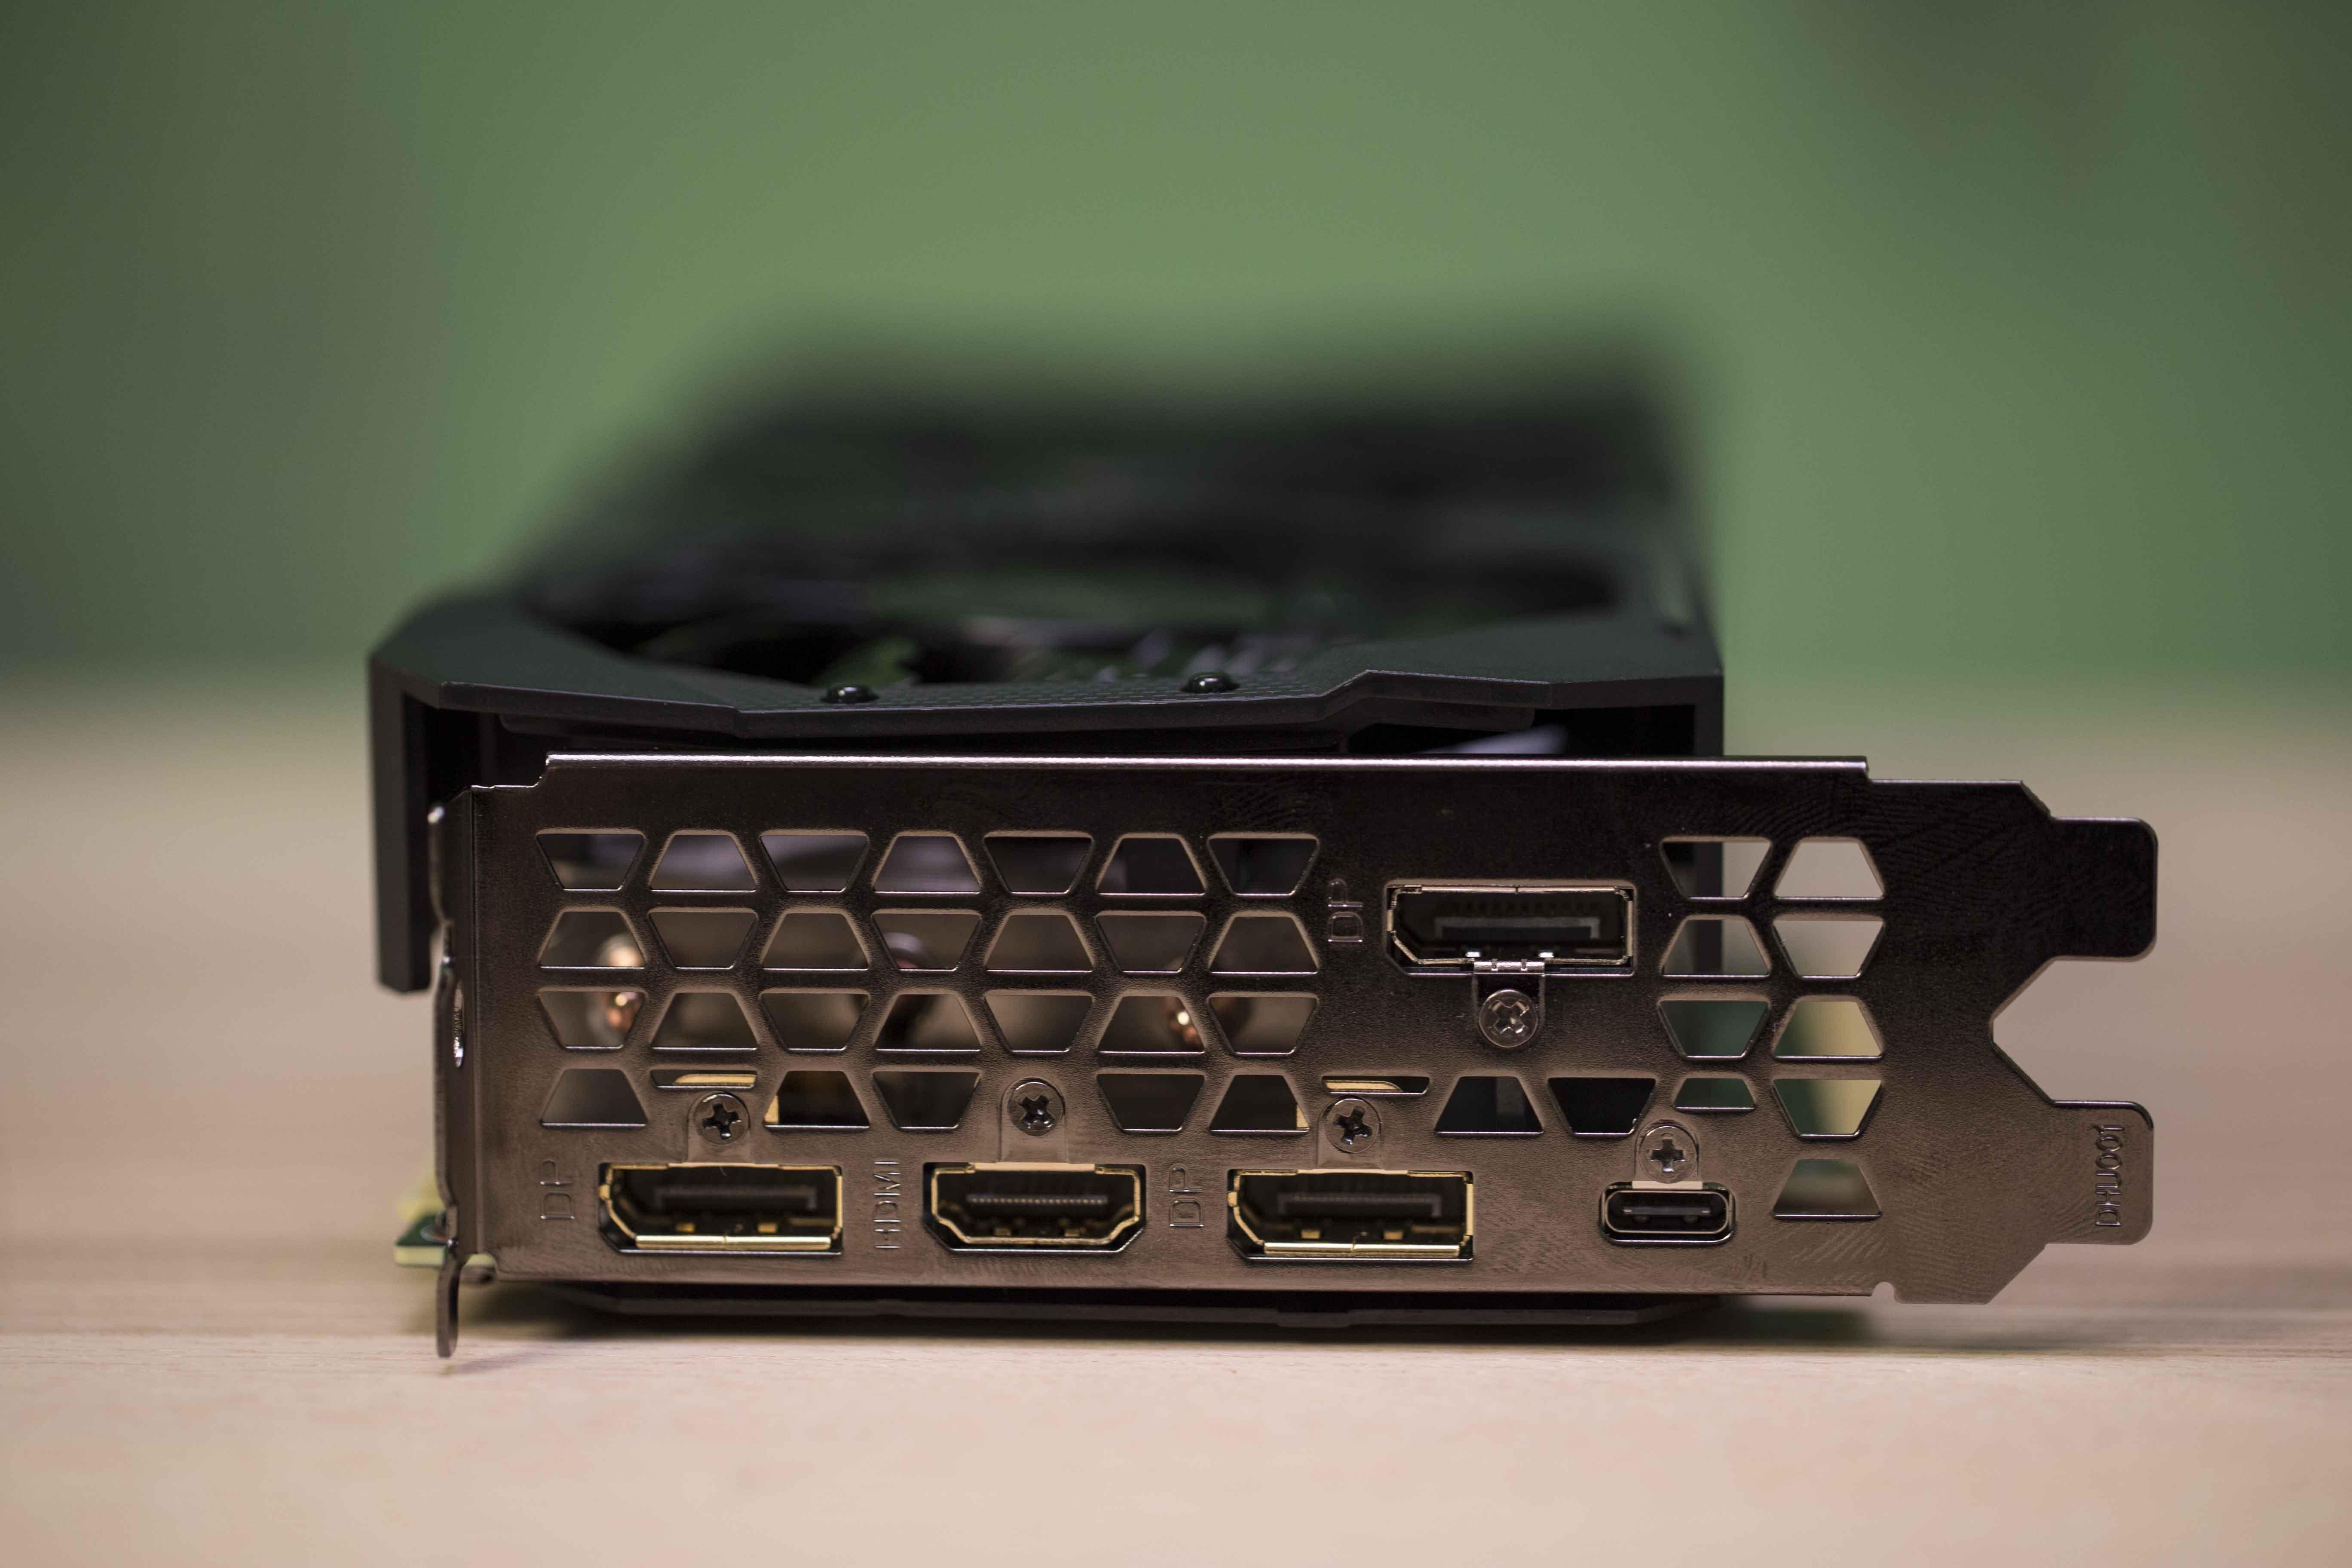 Gigabyte RTX 2080 GAMING OC